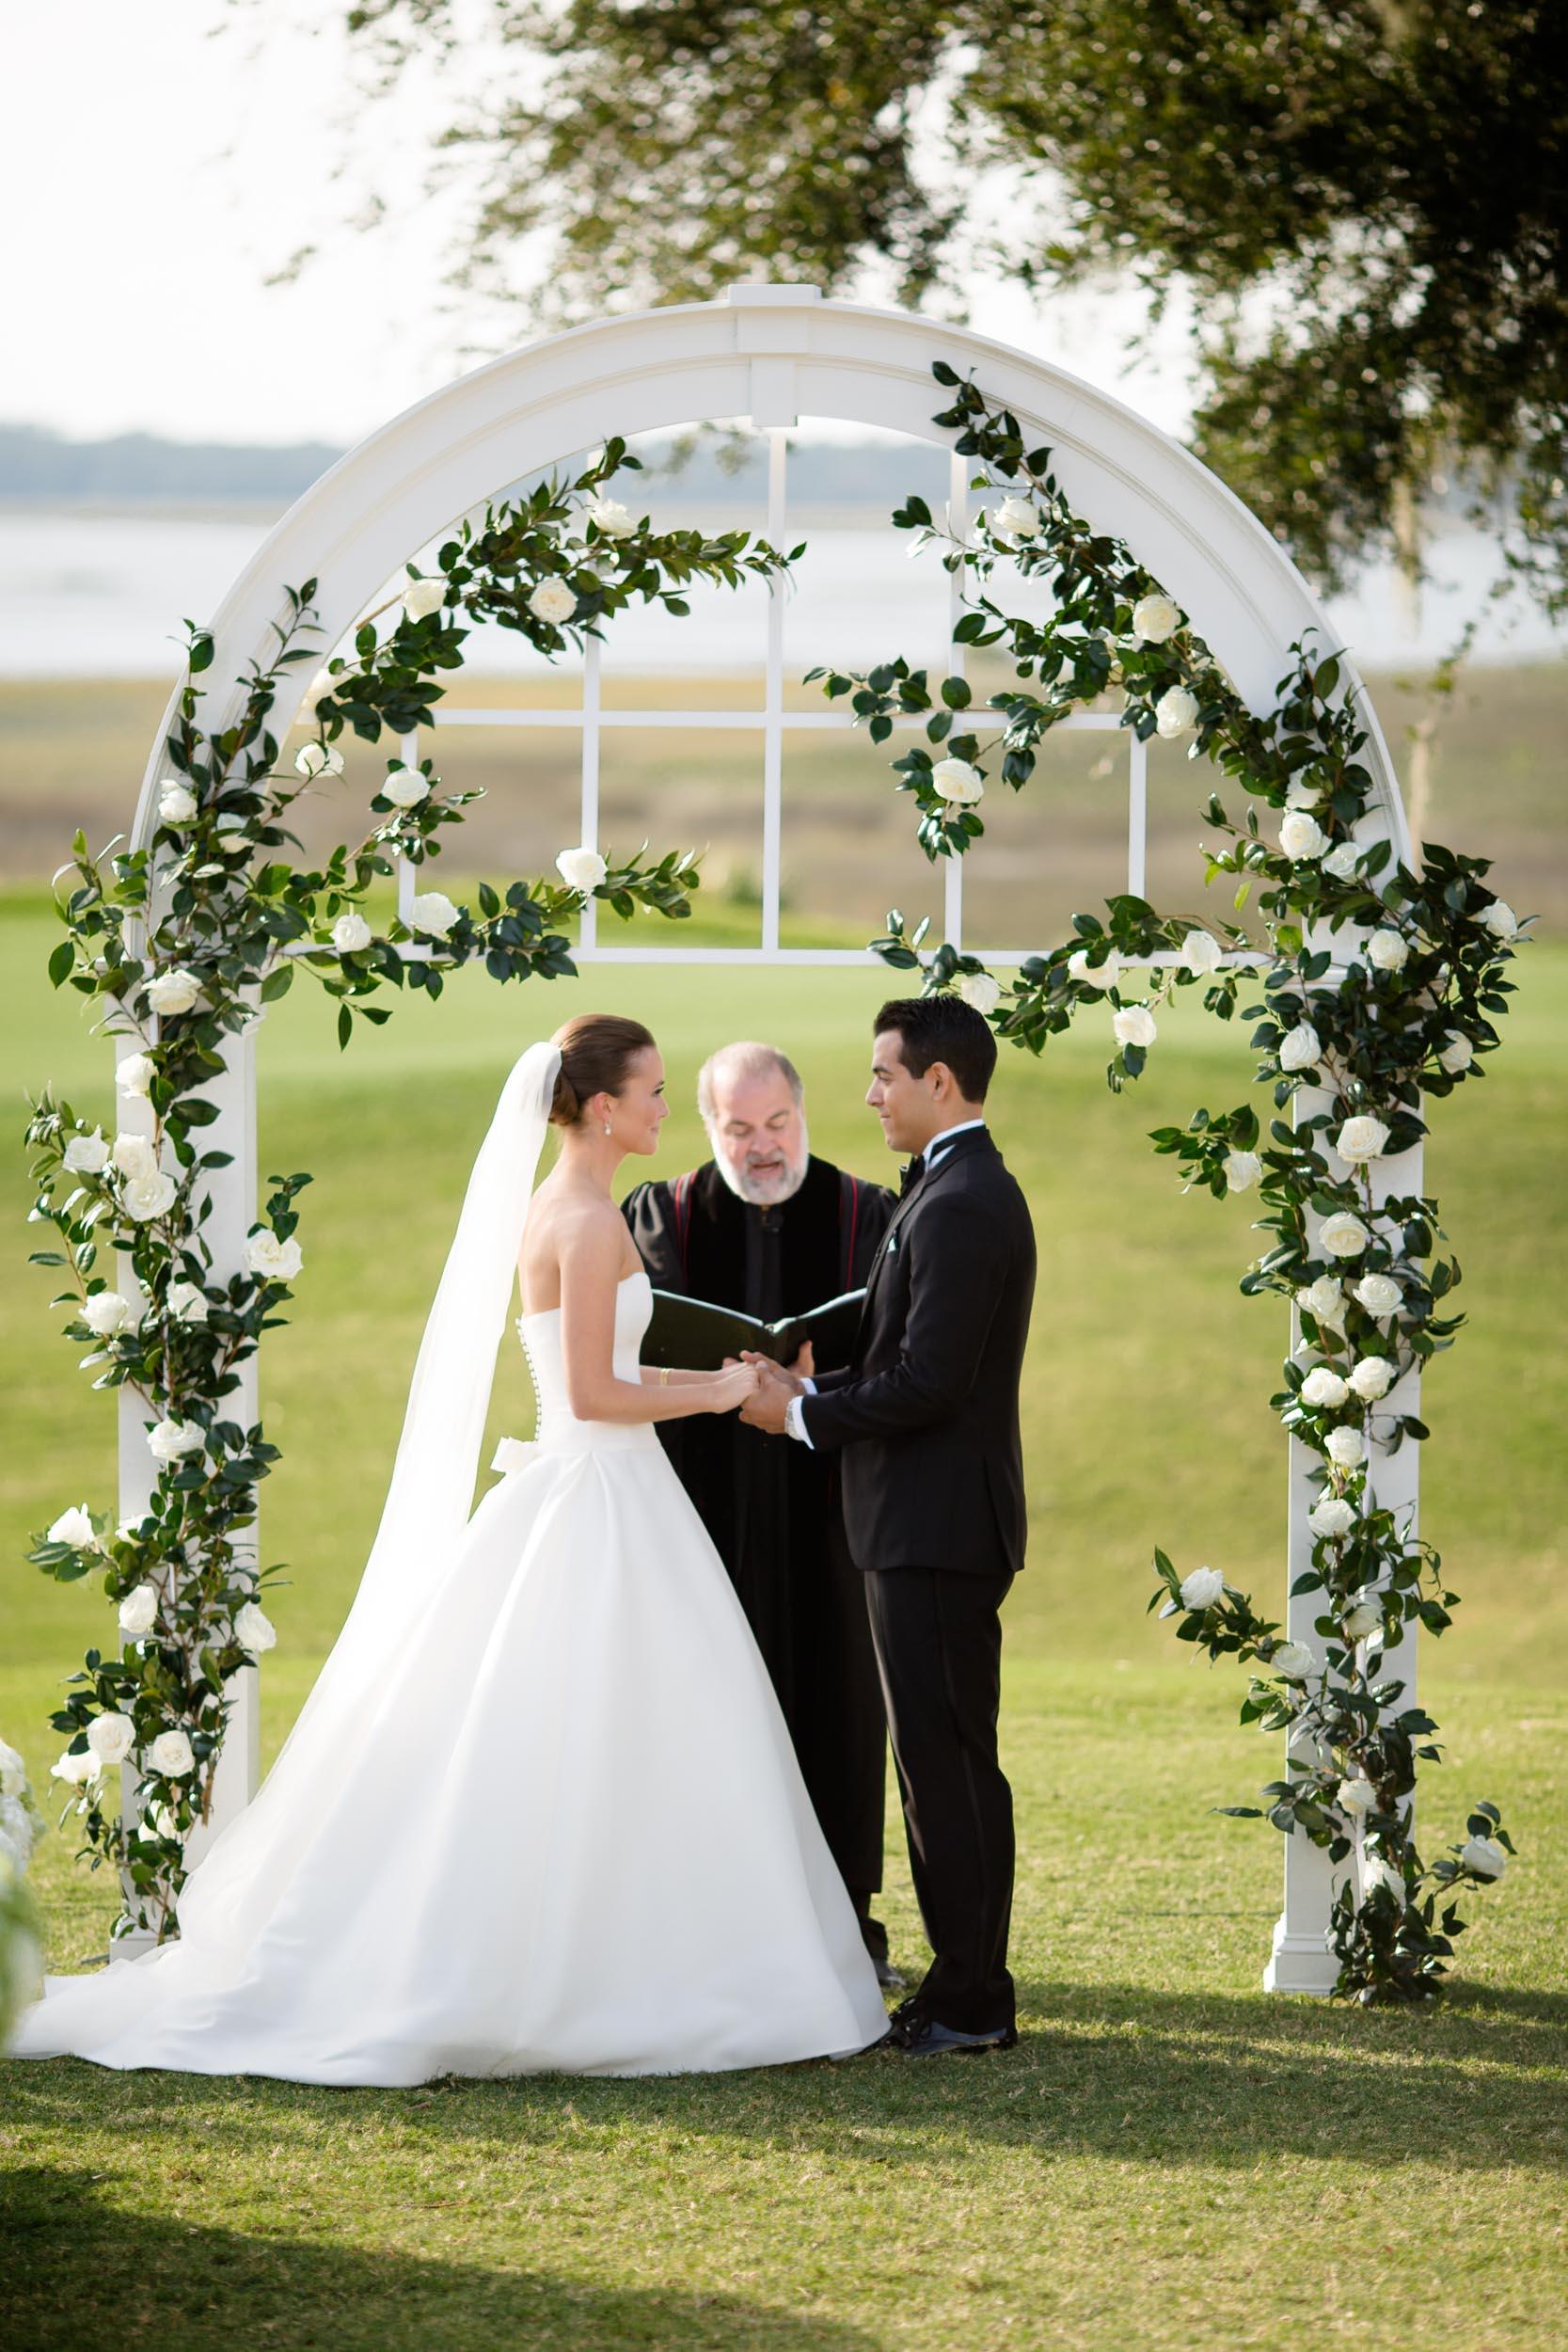 Floral wedding ceremony arch for Kiawah Island wedding.